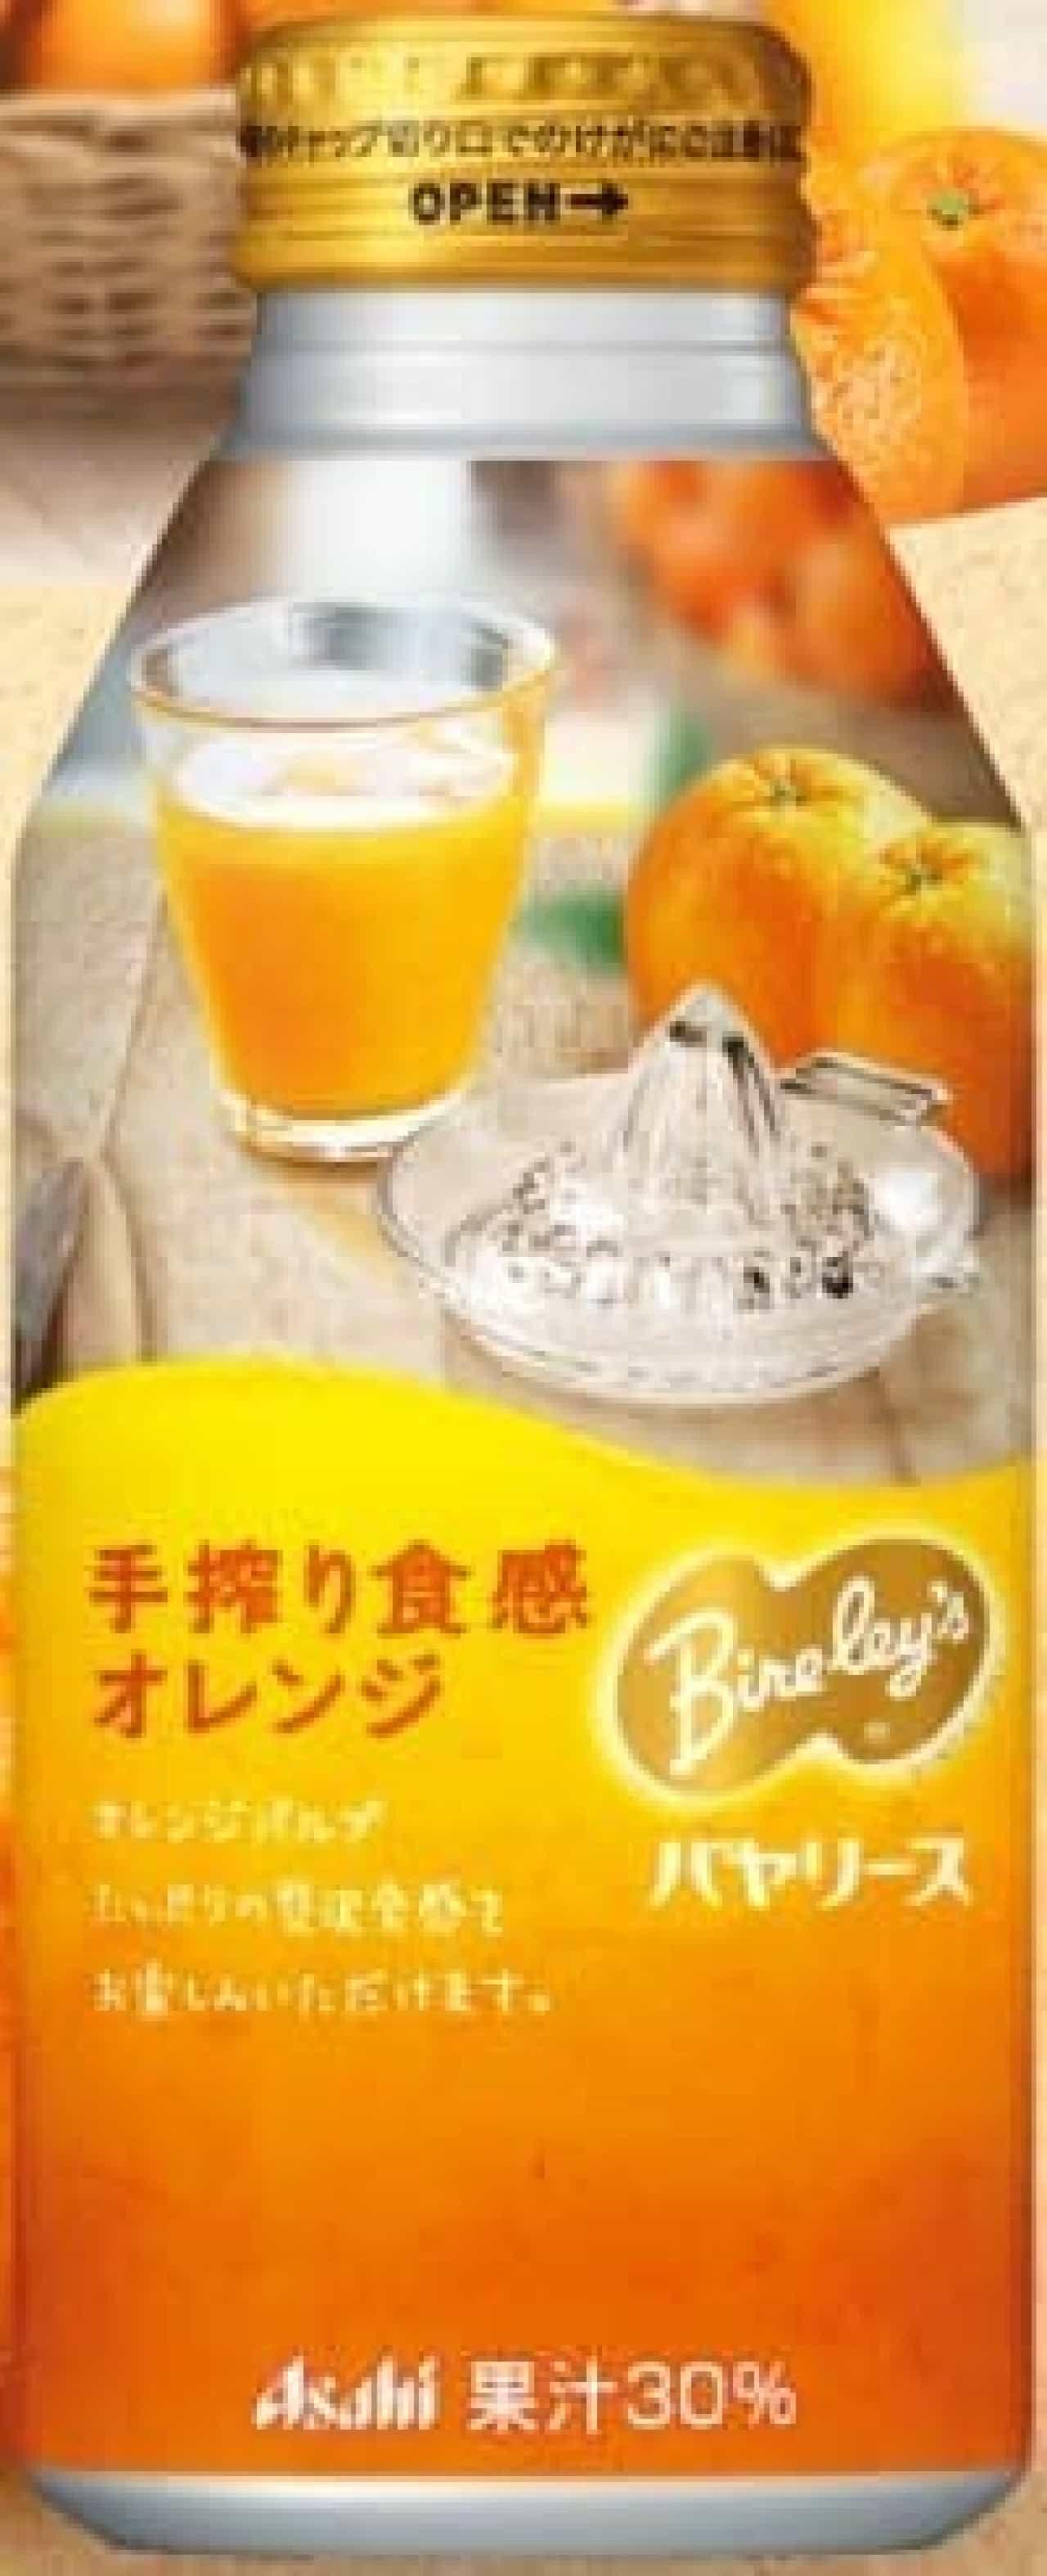 ファミリーマート、サークルK、サンクス限定「バヤリース 手搾り食感オレンジ」